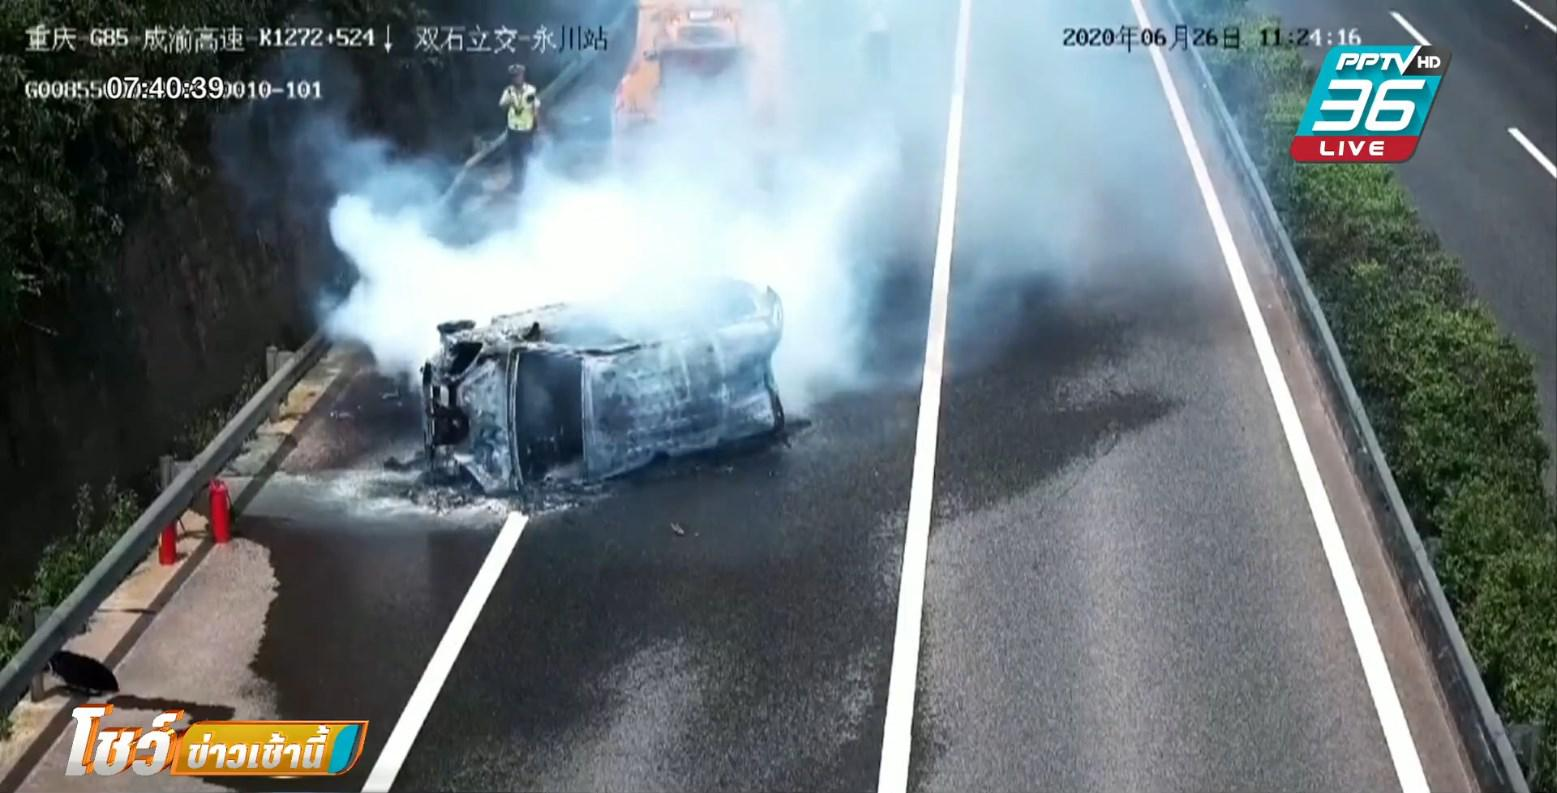 เกือบถูกย่างสด พลเมืองดี ช่วย 3 ชีวิตติดในรถตู้คว่ำ ขณะไฟลุกท่วม